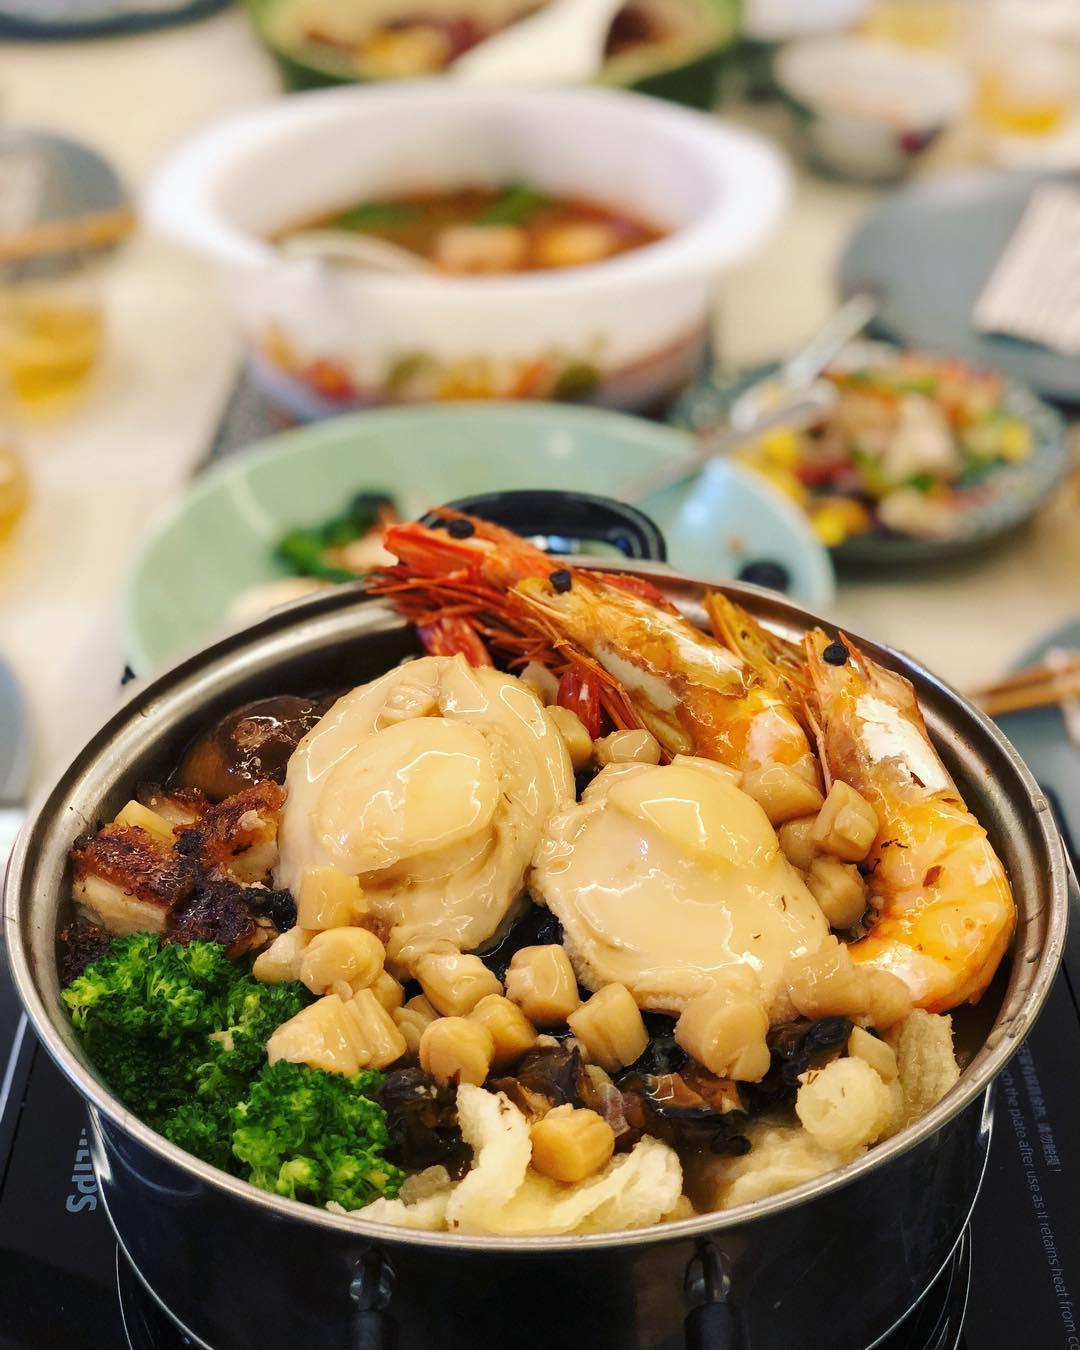 Nằm lòng 7 món ăn vặt siêu hấp dẫn cho team du lịch quét sập Hong Kong - Ảnh 13.